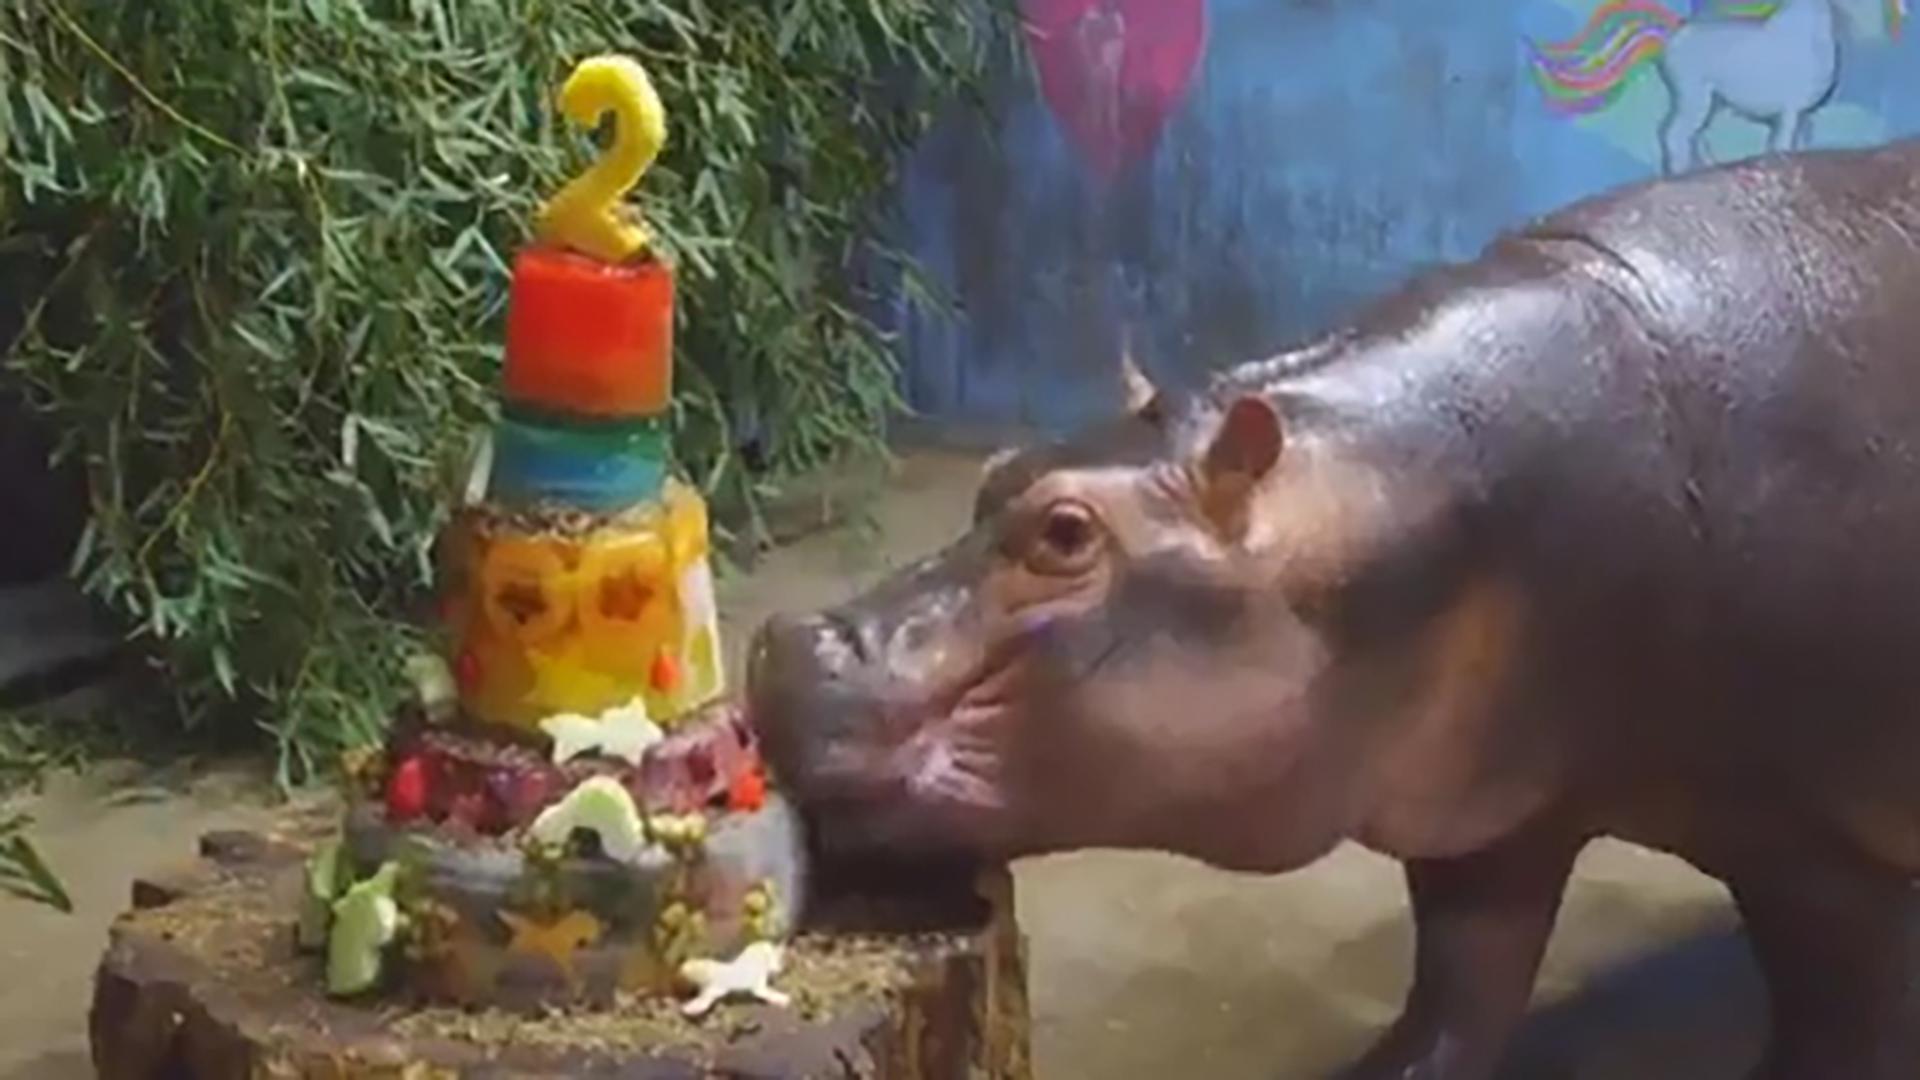 La tarta está hecha con alimento especial para los hipopótamos y es de varios pisos (Foto: Captura de pantalla)